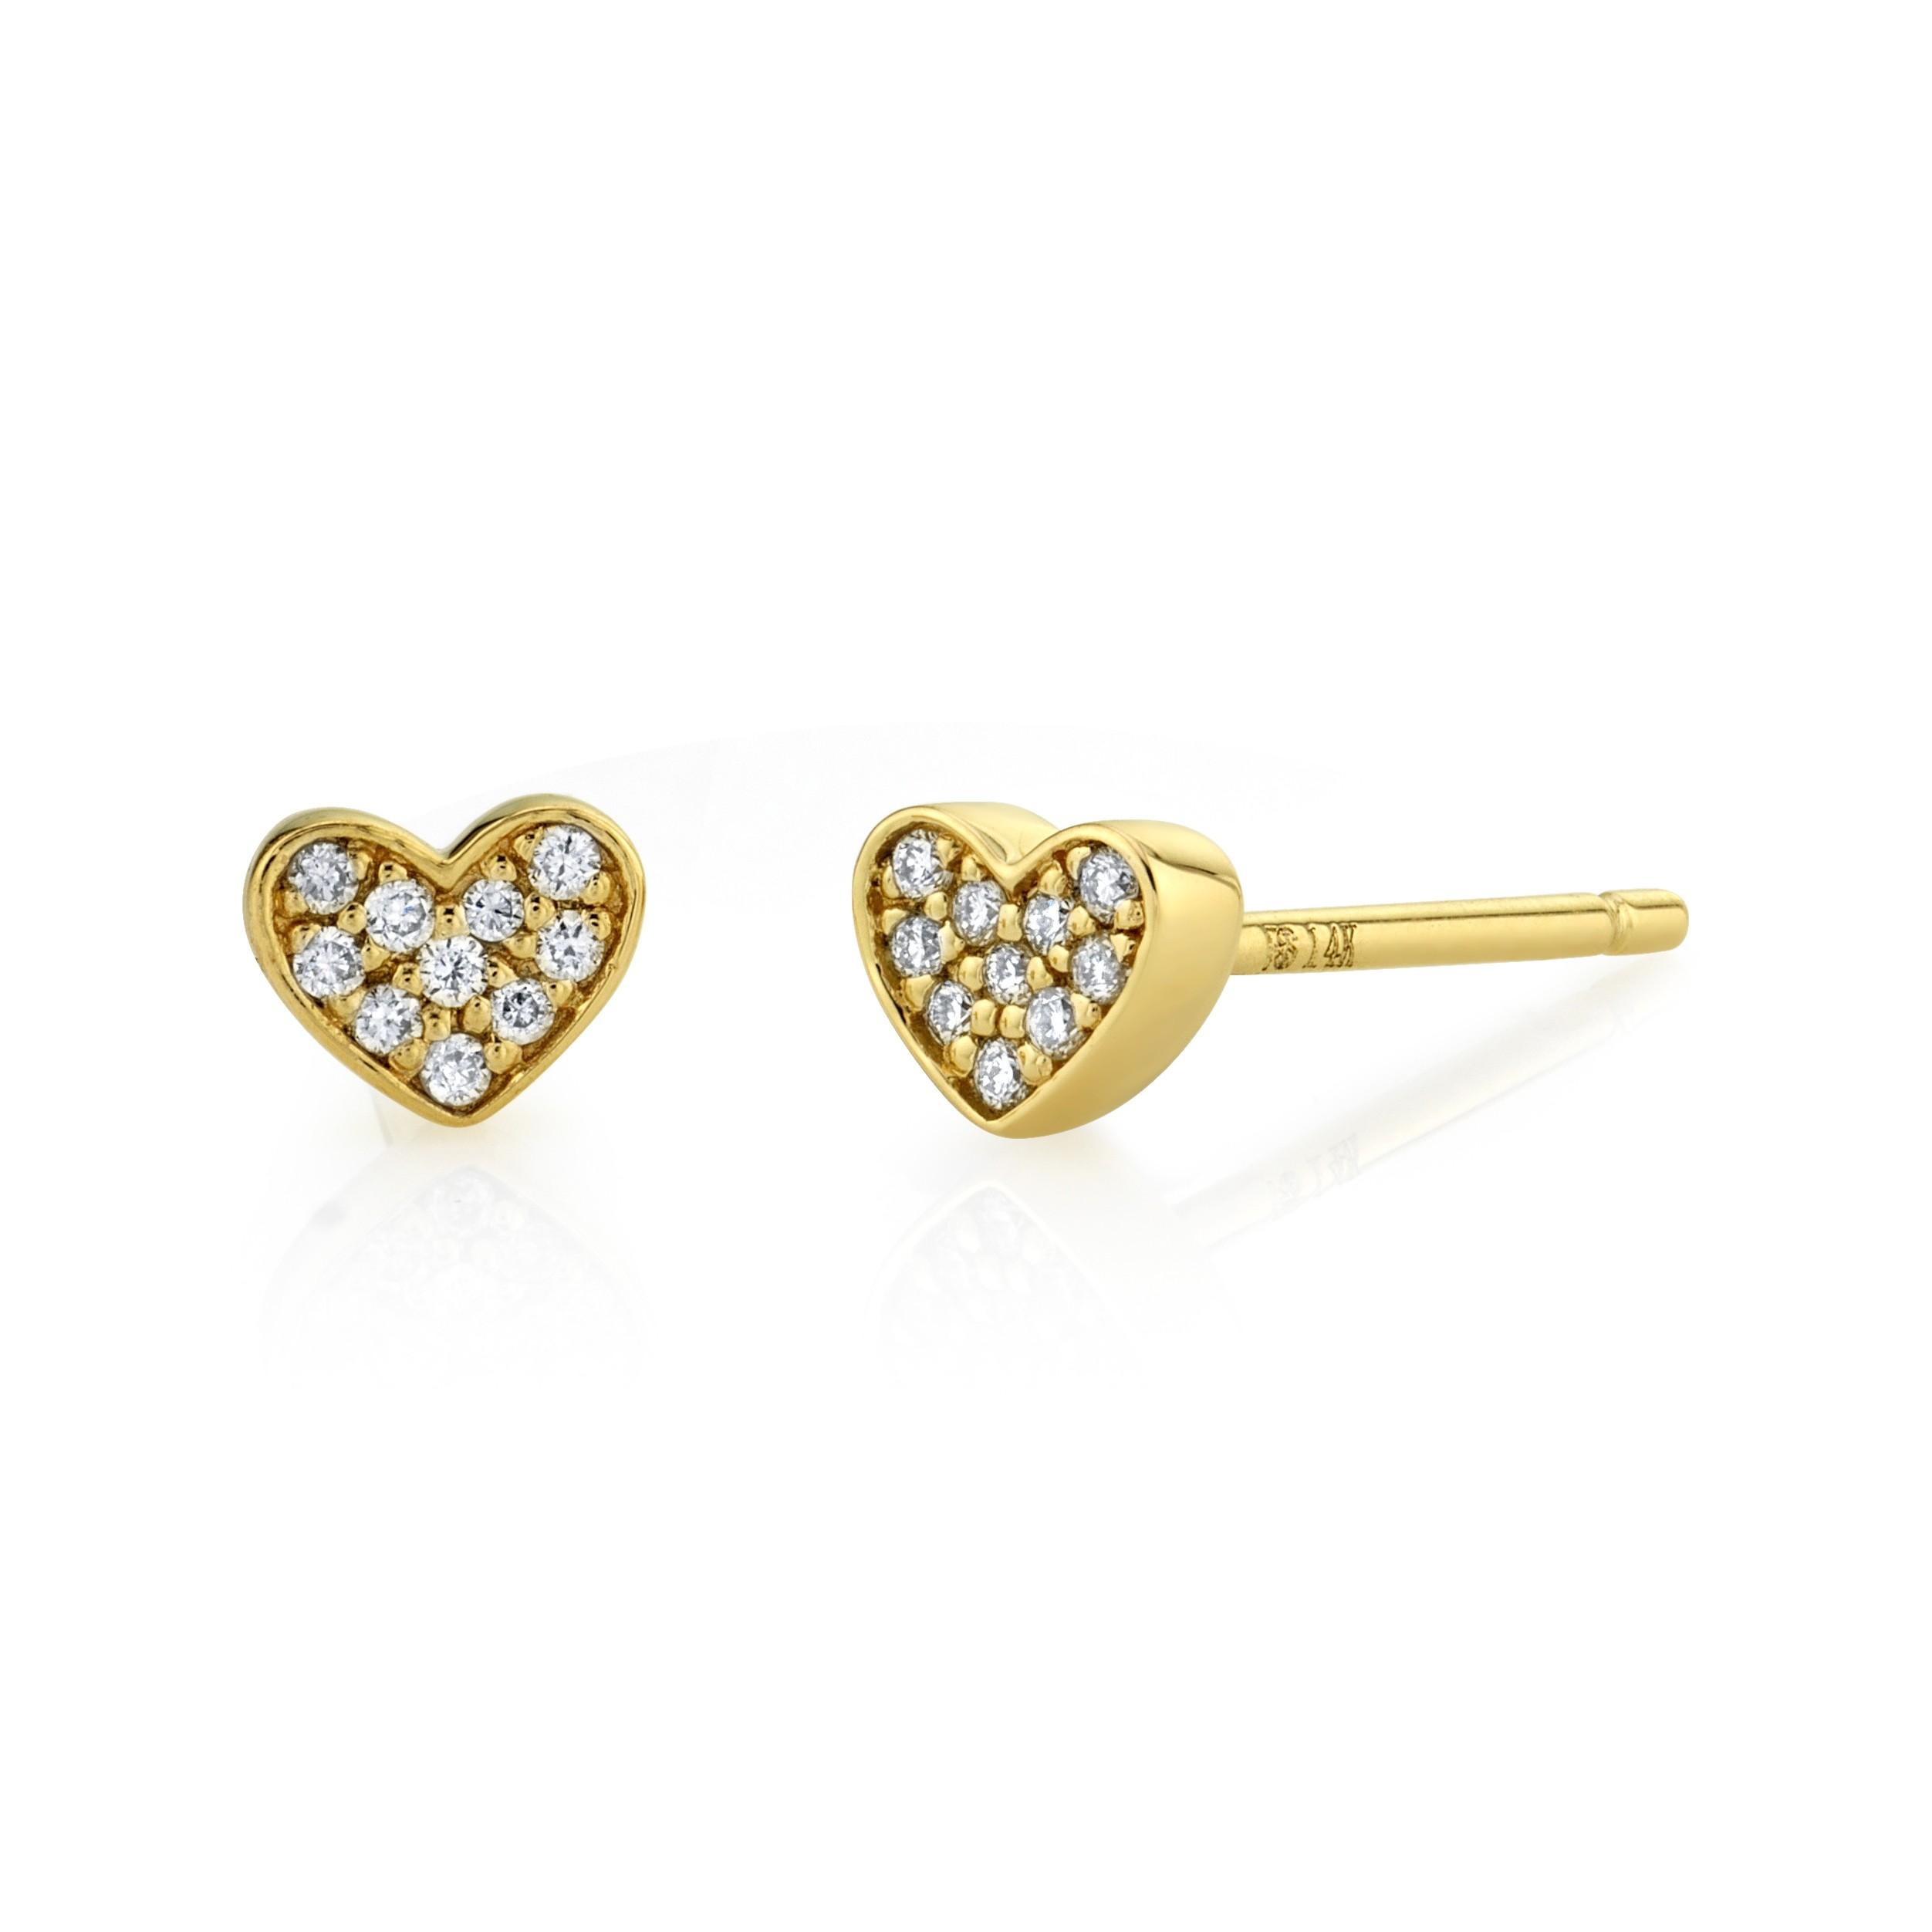 14k Yellow Gold Heart Diamond Earrings